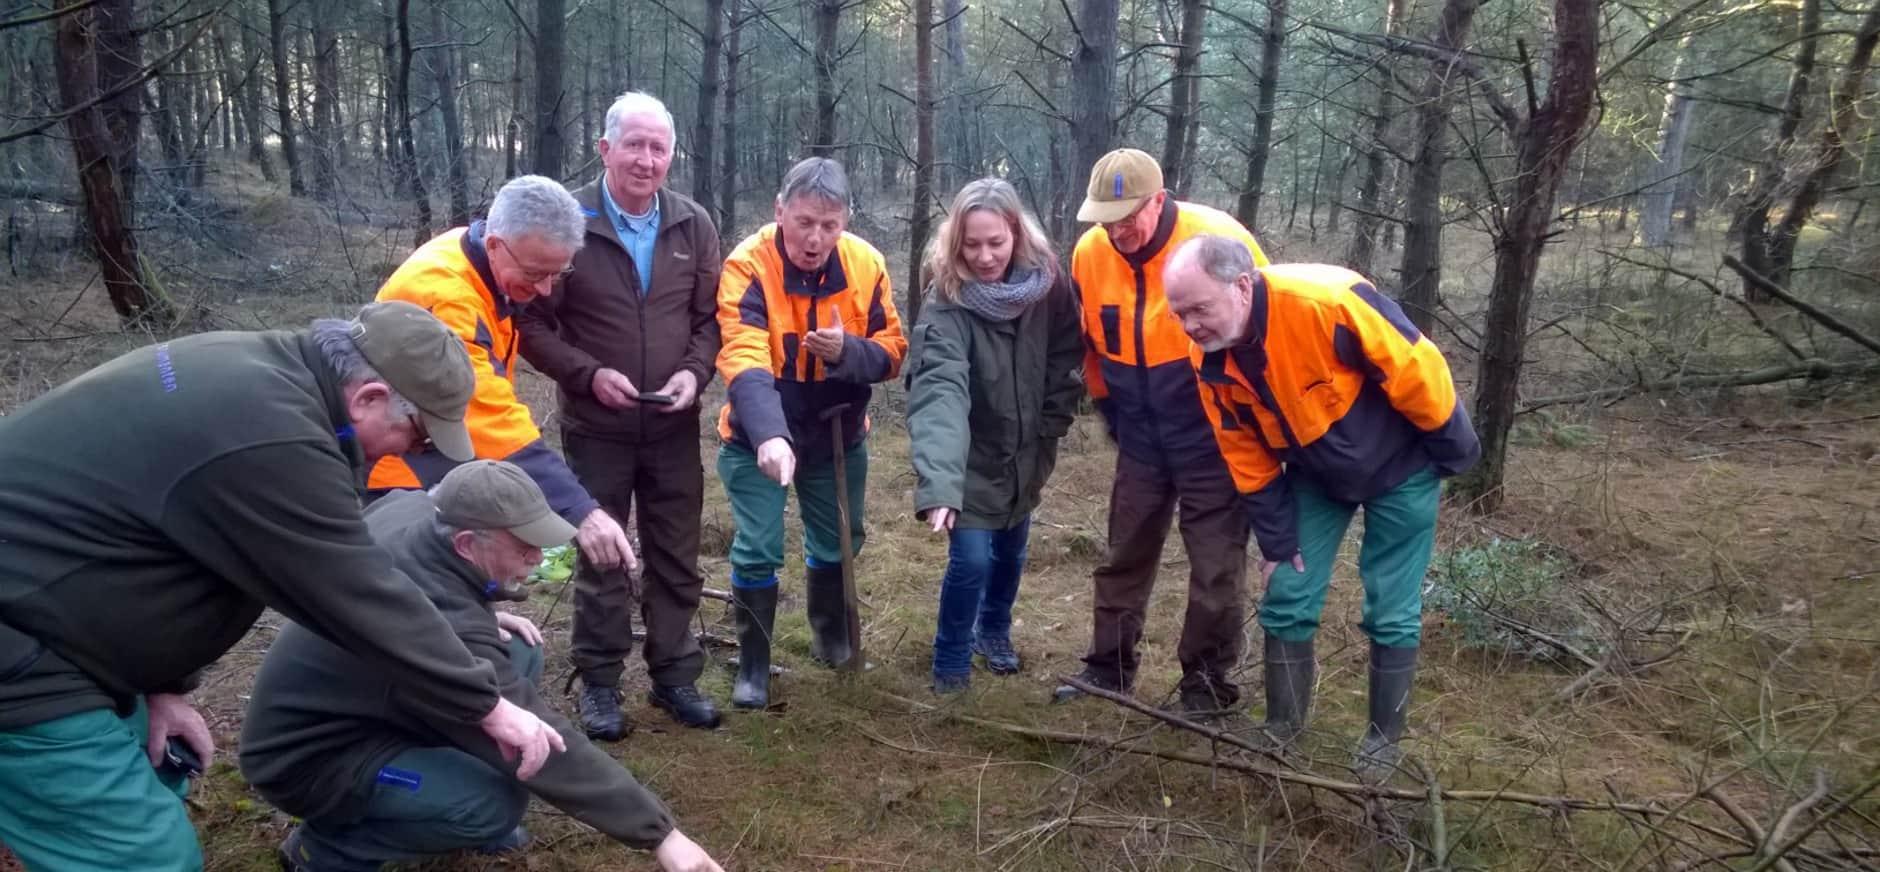 Vrijwilligers vinden orchidee op nieuwe plek Sallandse Heuvelrug